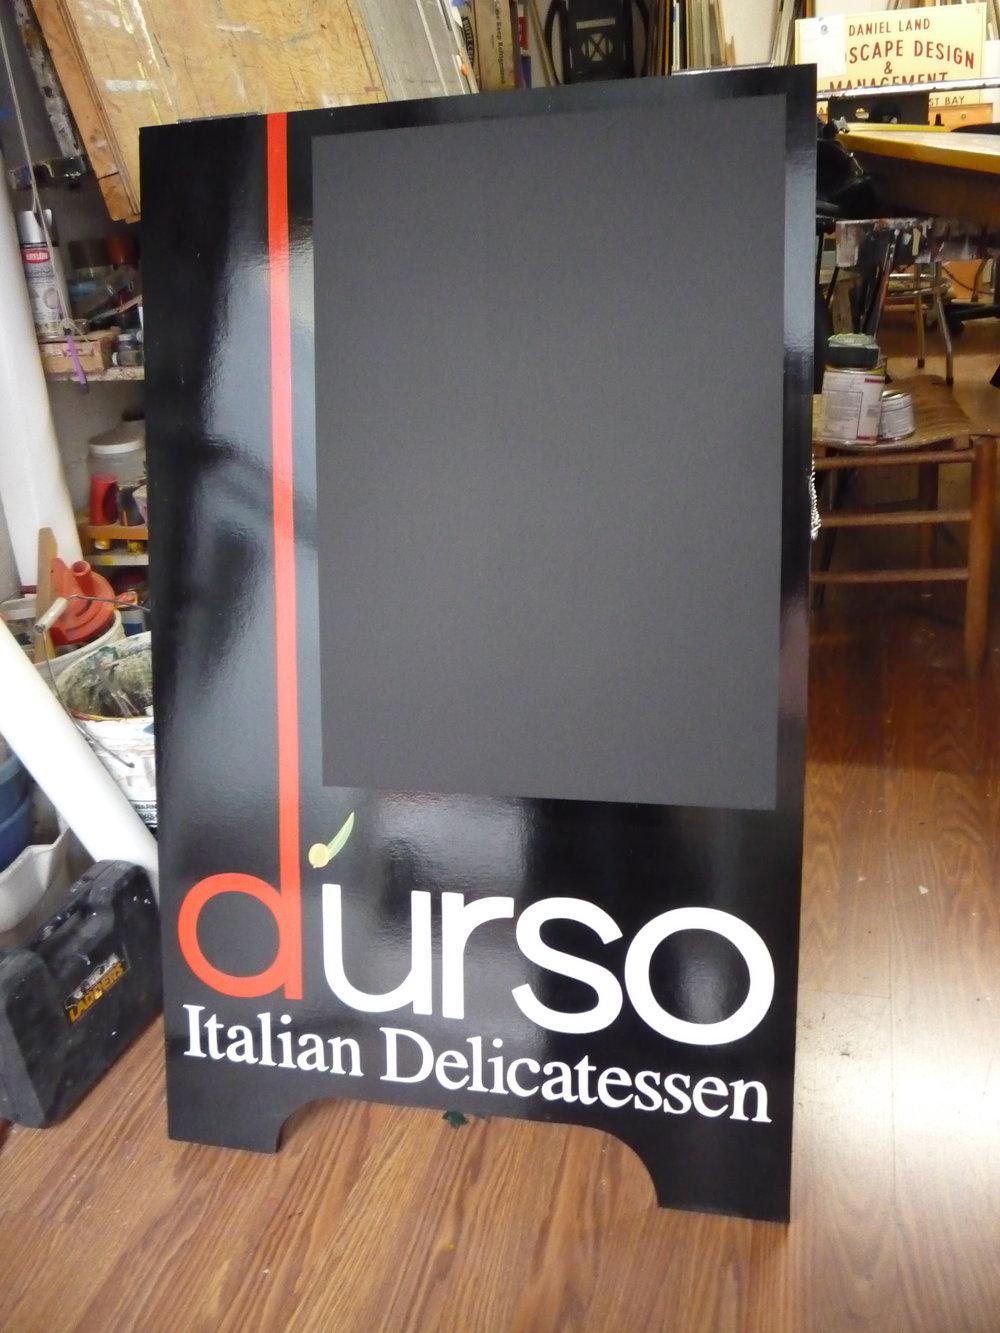 MENU-durso-sandwich-board_4306550883_o.jpg